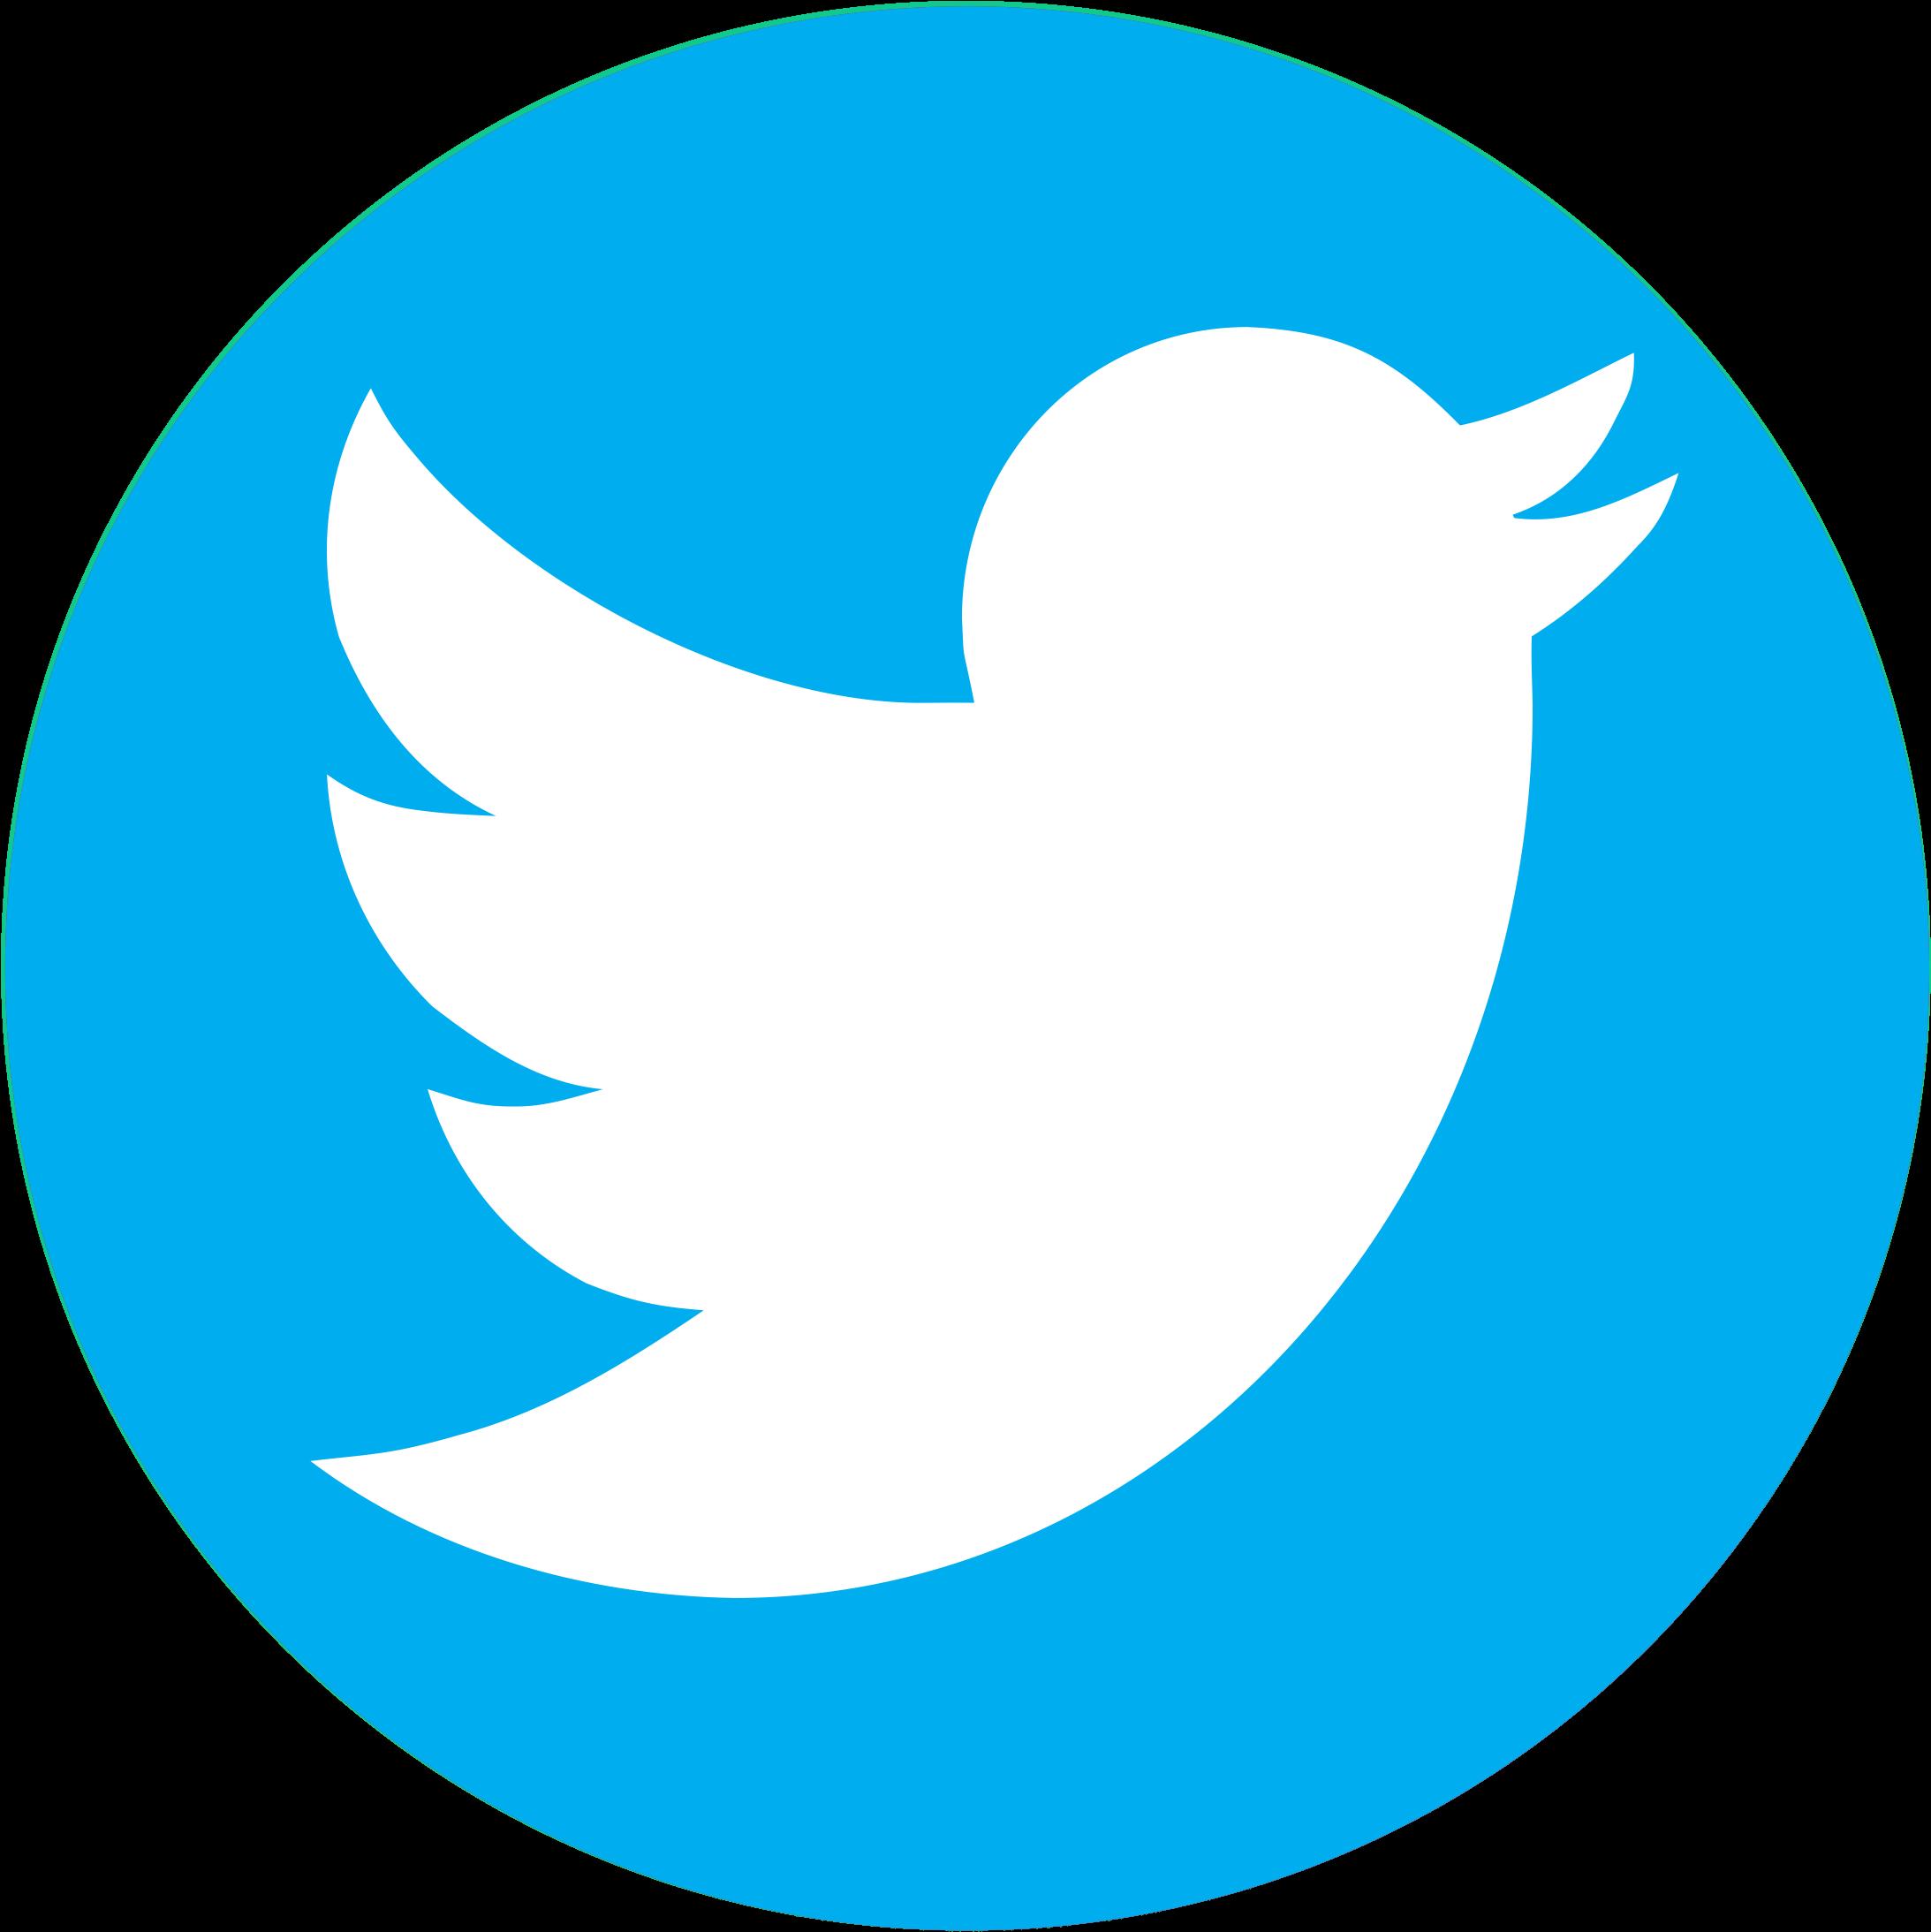 pnglot.com-twitter-bird-logo-png-139932